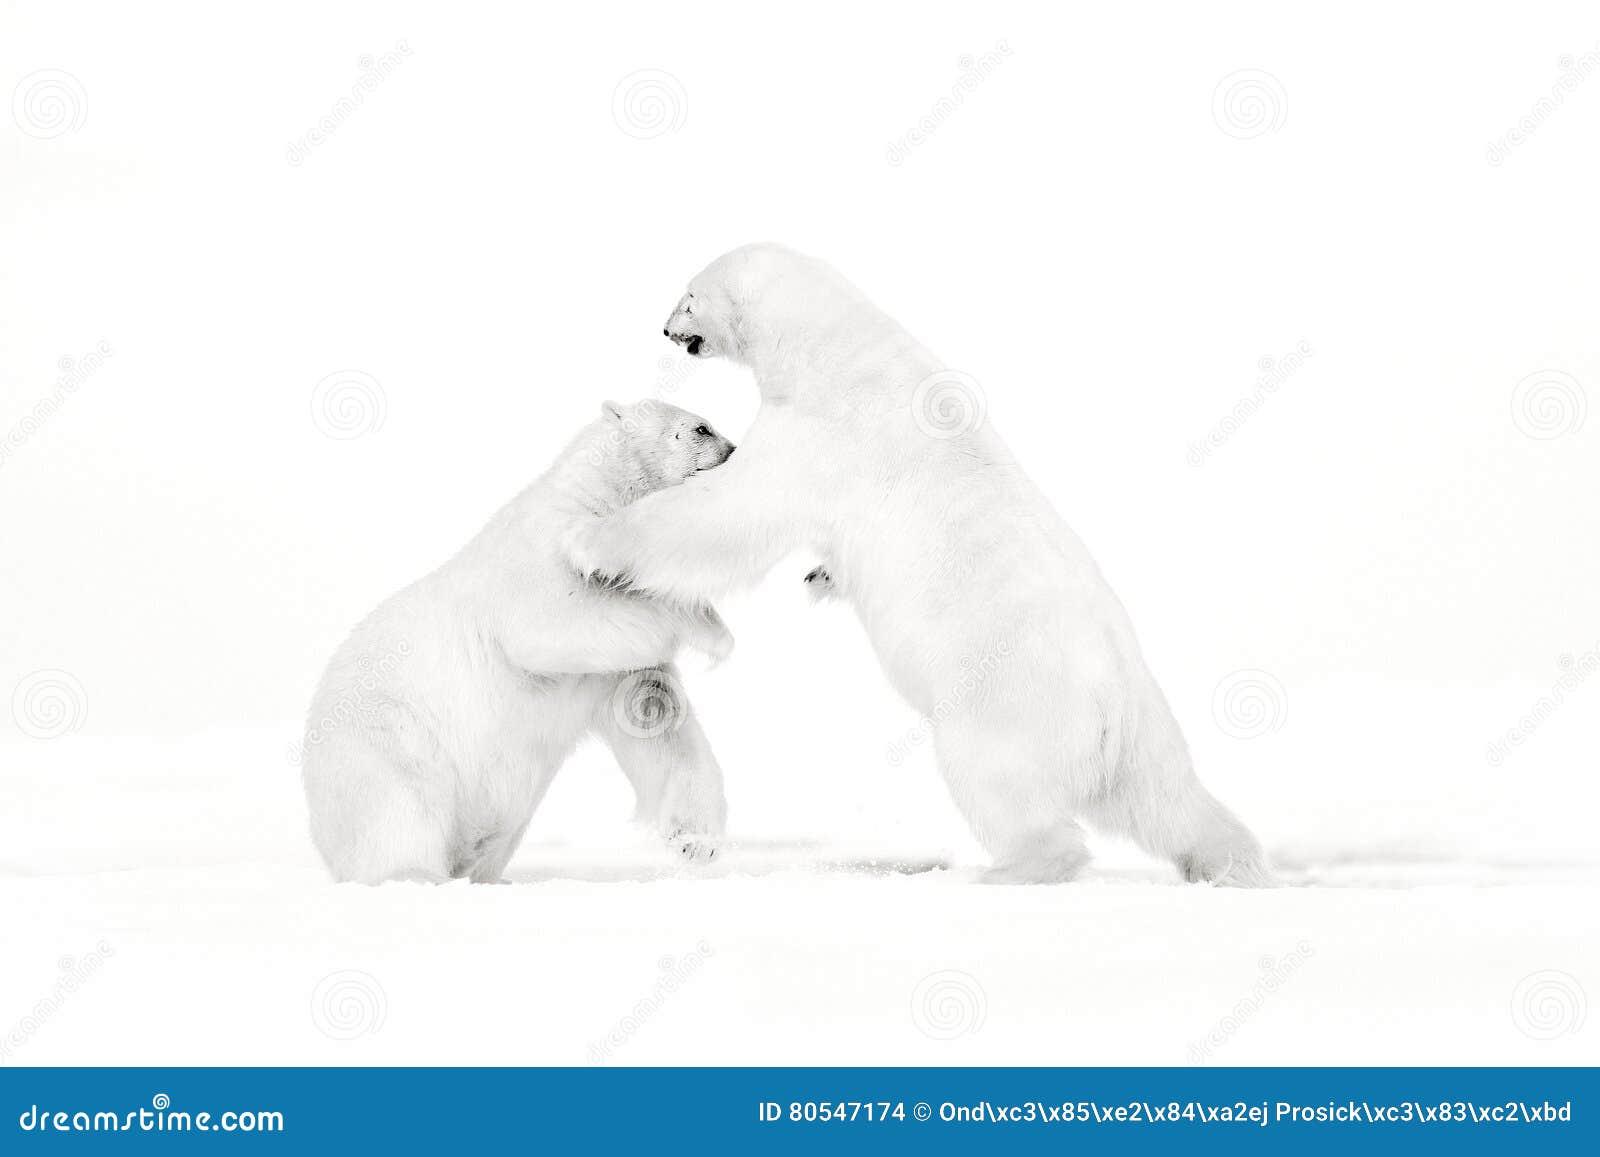 Art, photo noire et blanche de deux ours blancs combattant sur la glace de dérive dans le Svalbard arctique Combat animal dans la